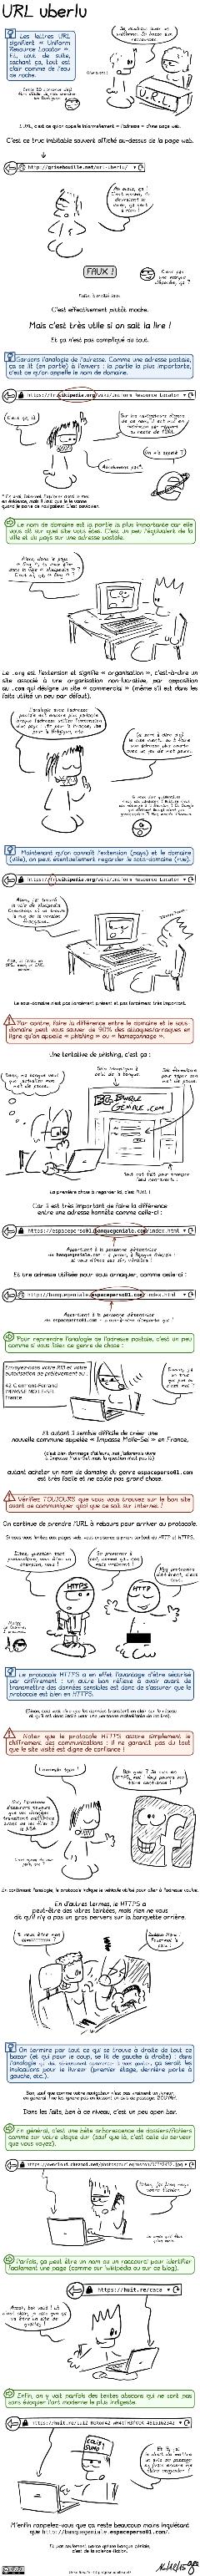 URL uberlu